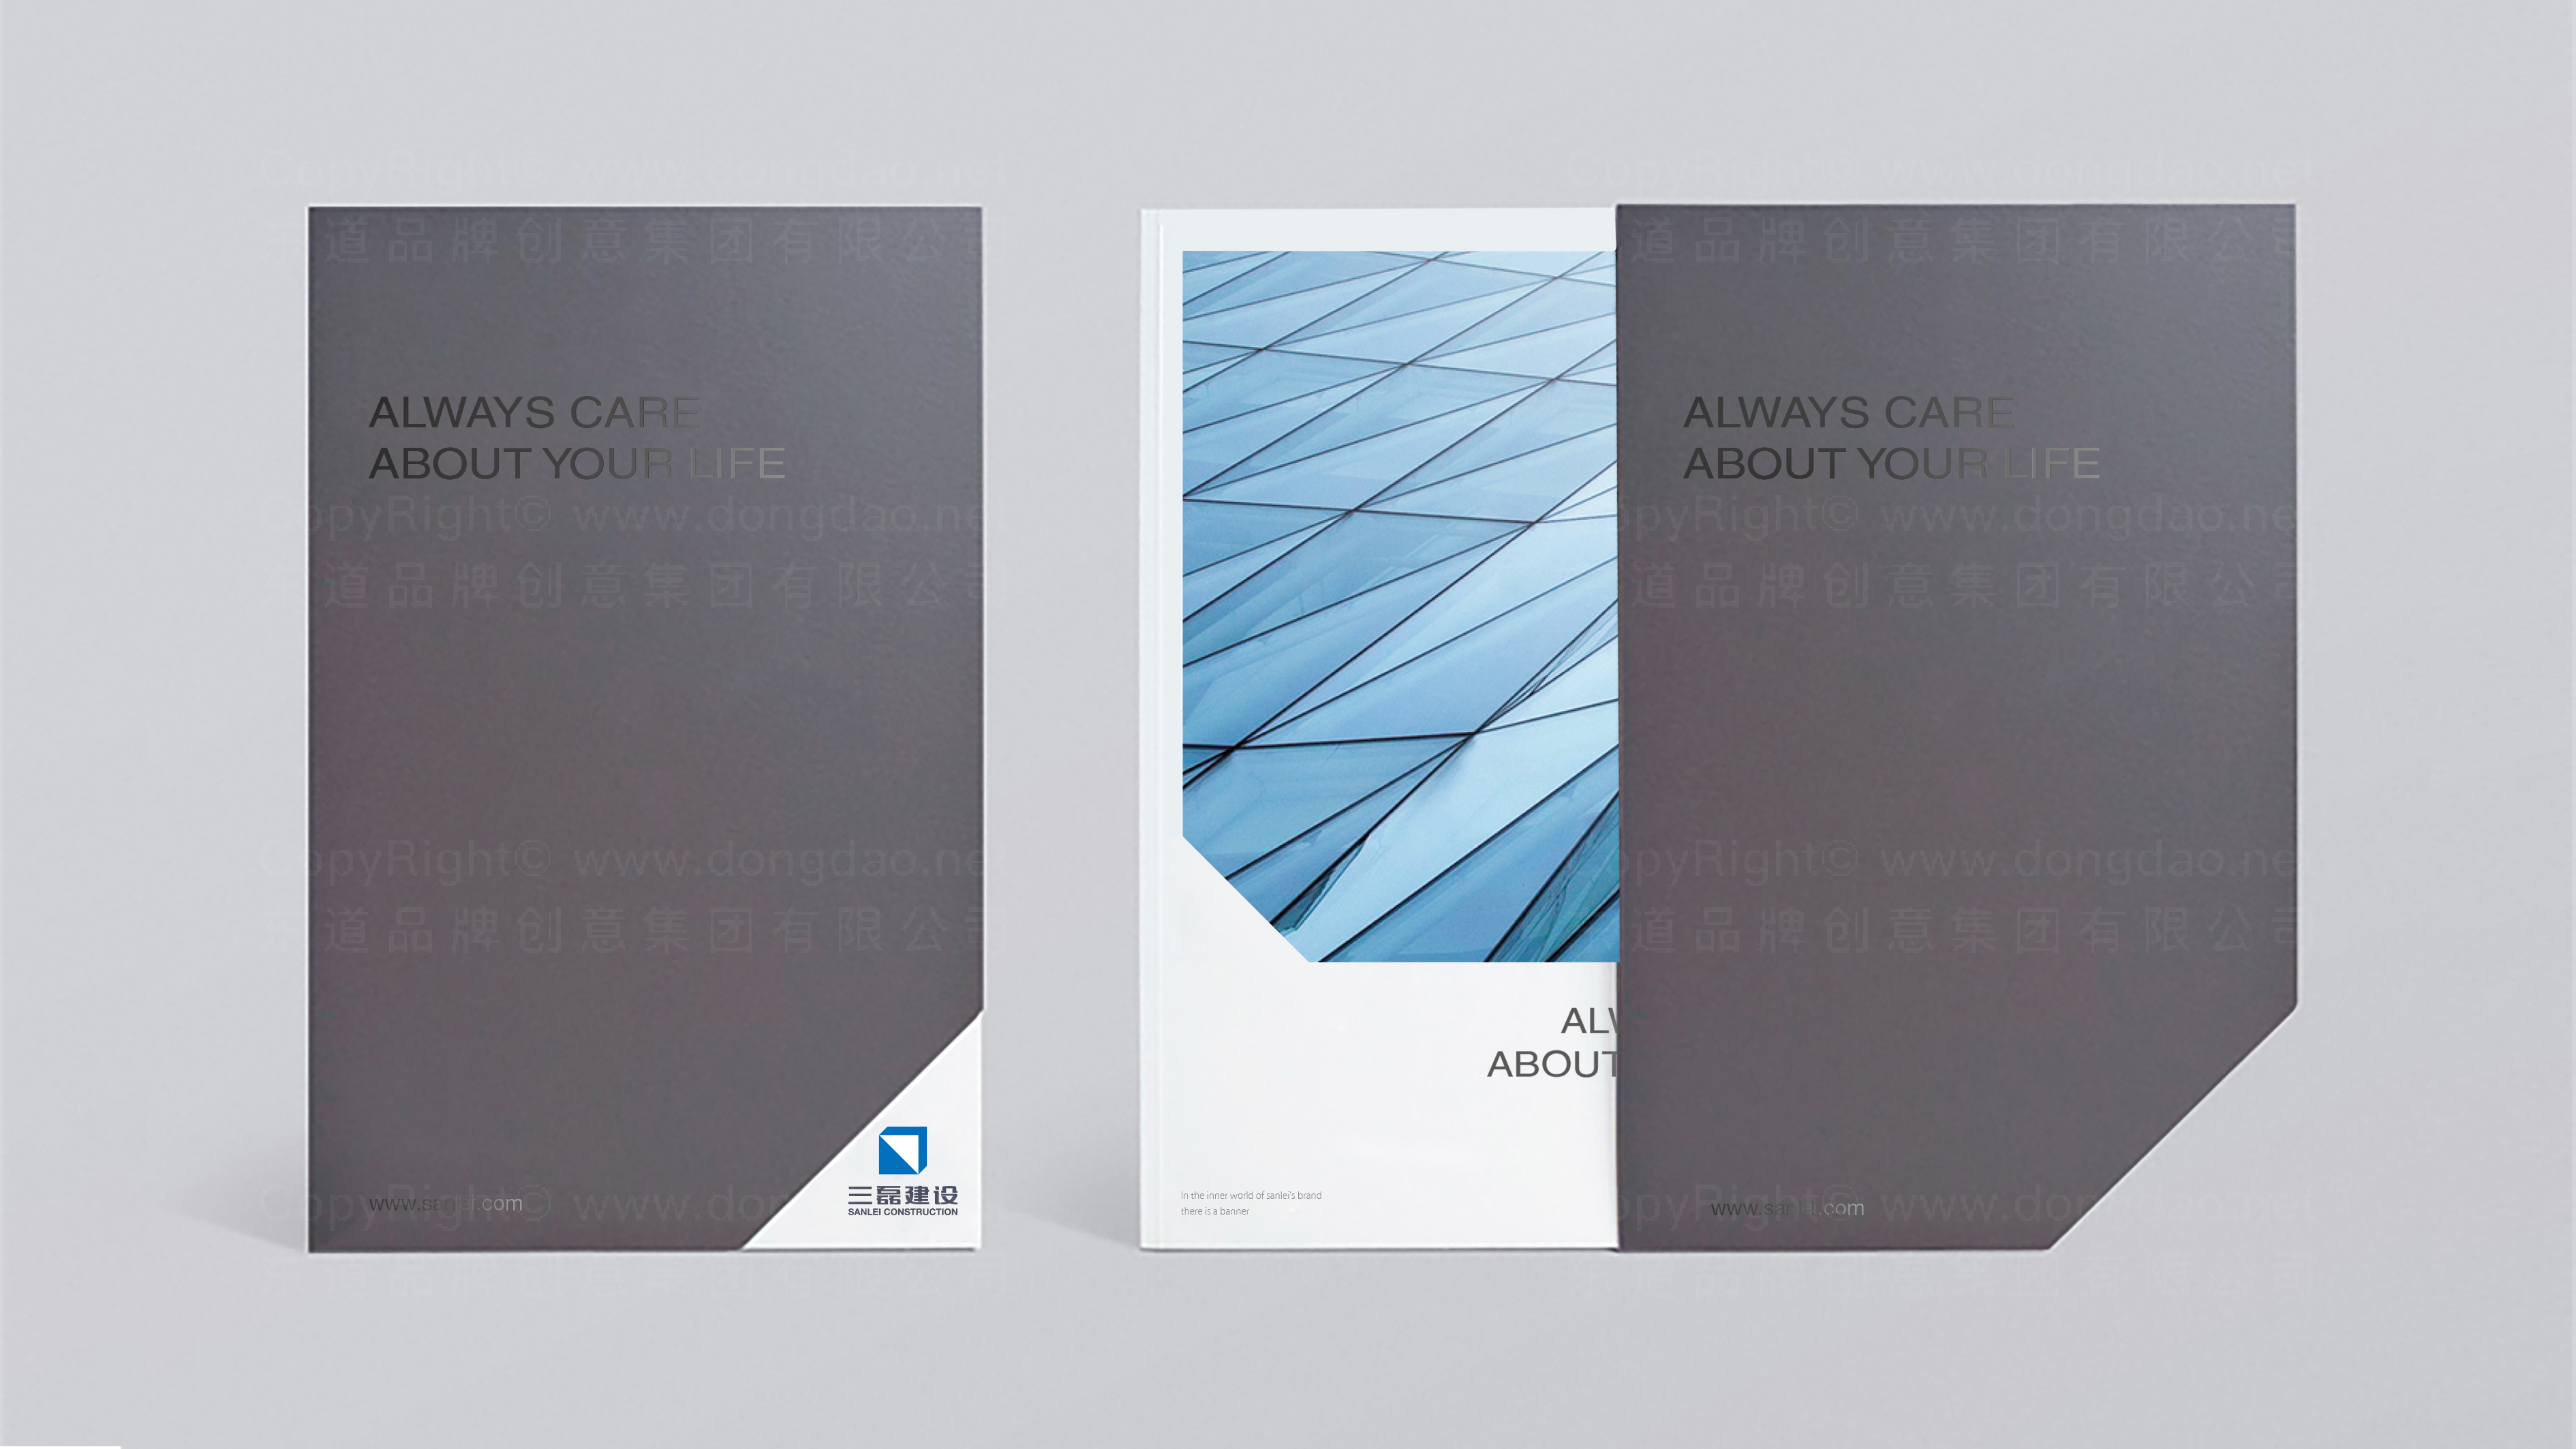 品牌设计三磊建设标志设计应用场景_5